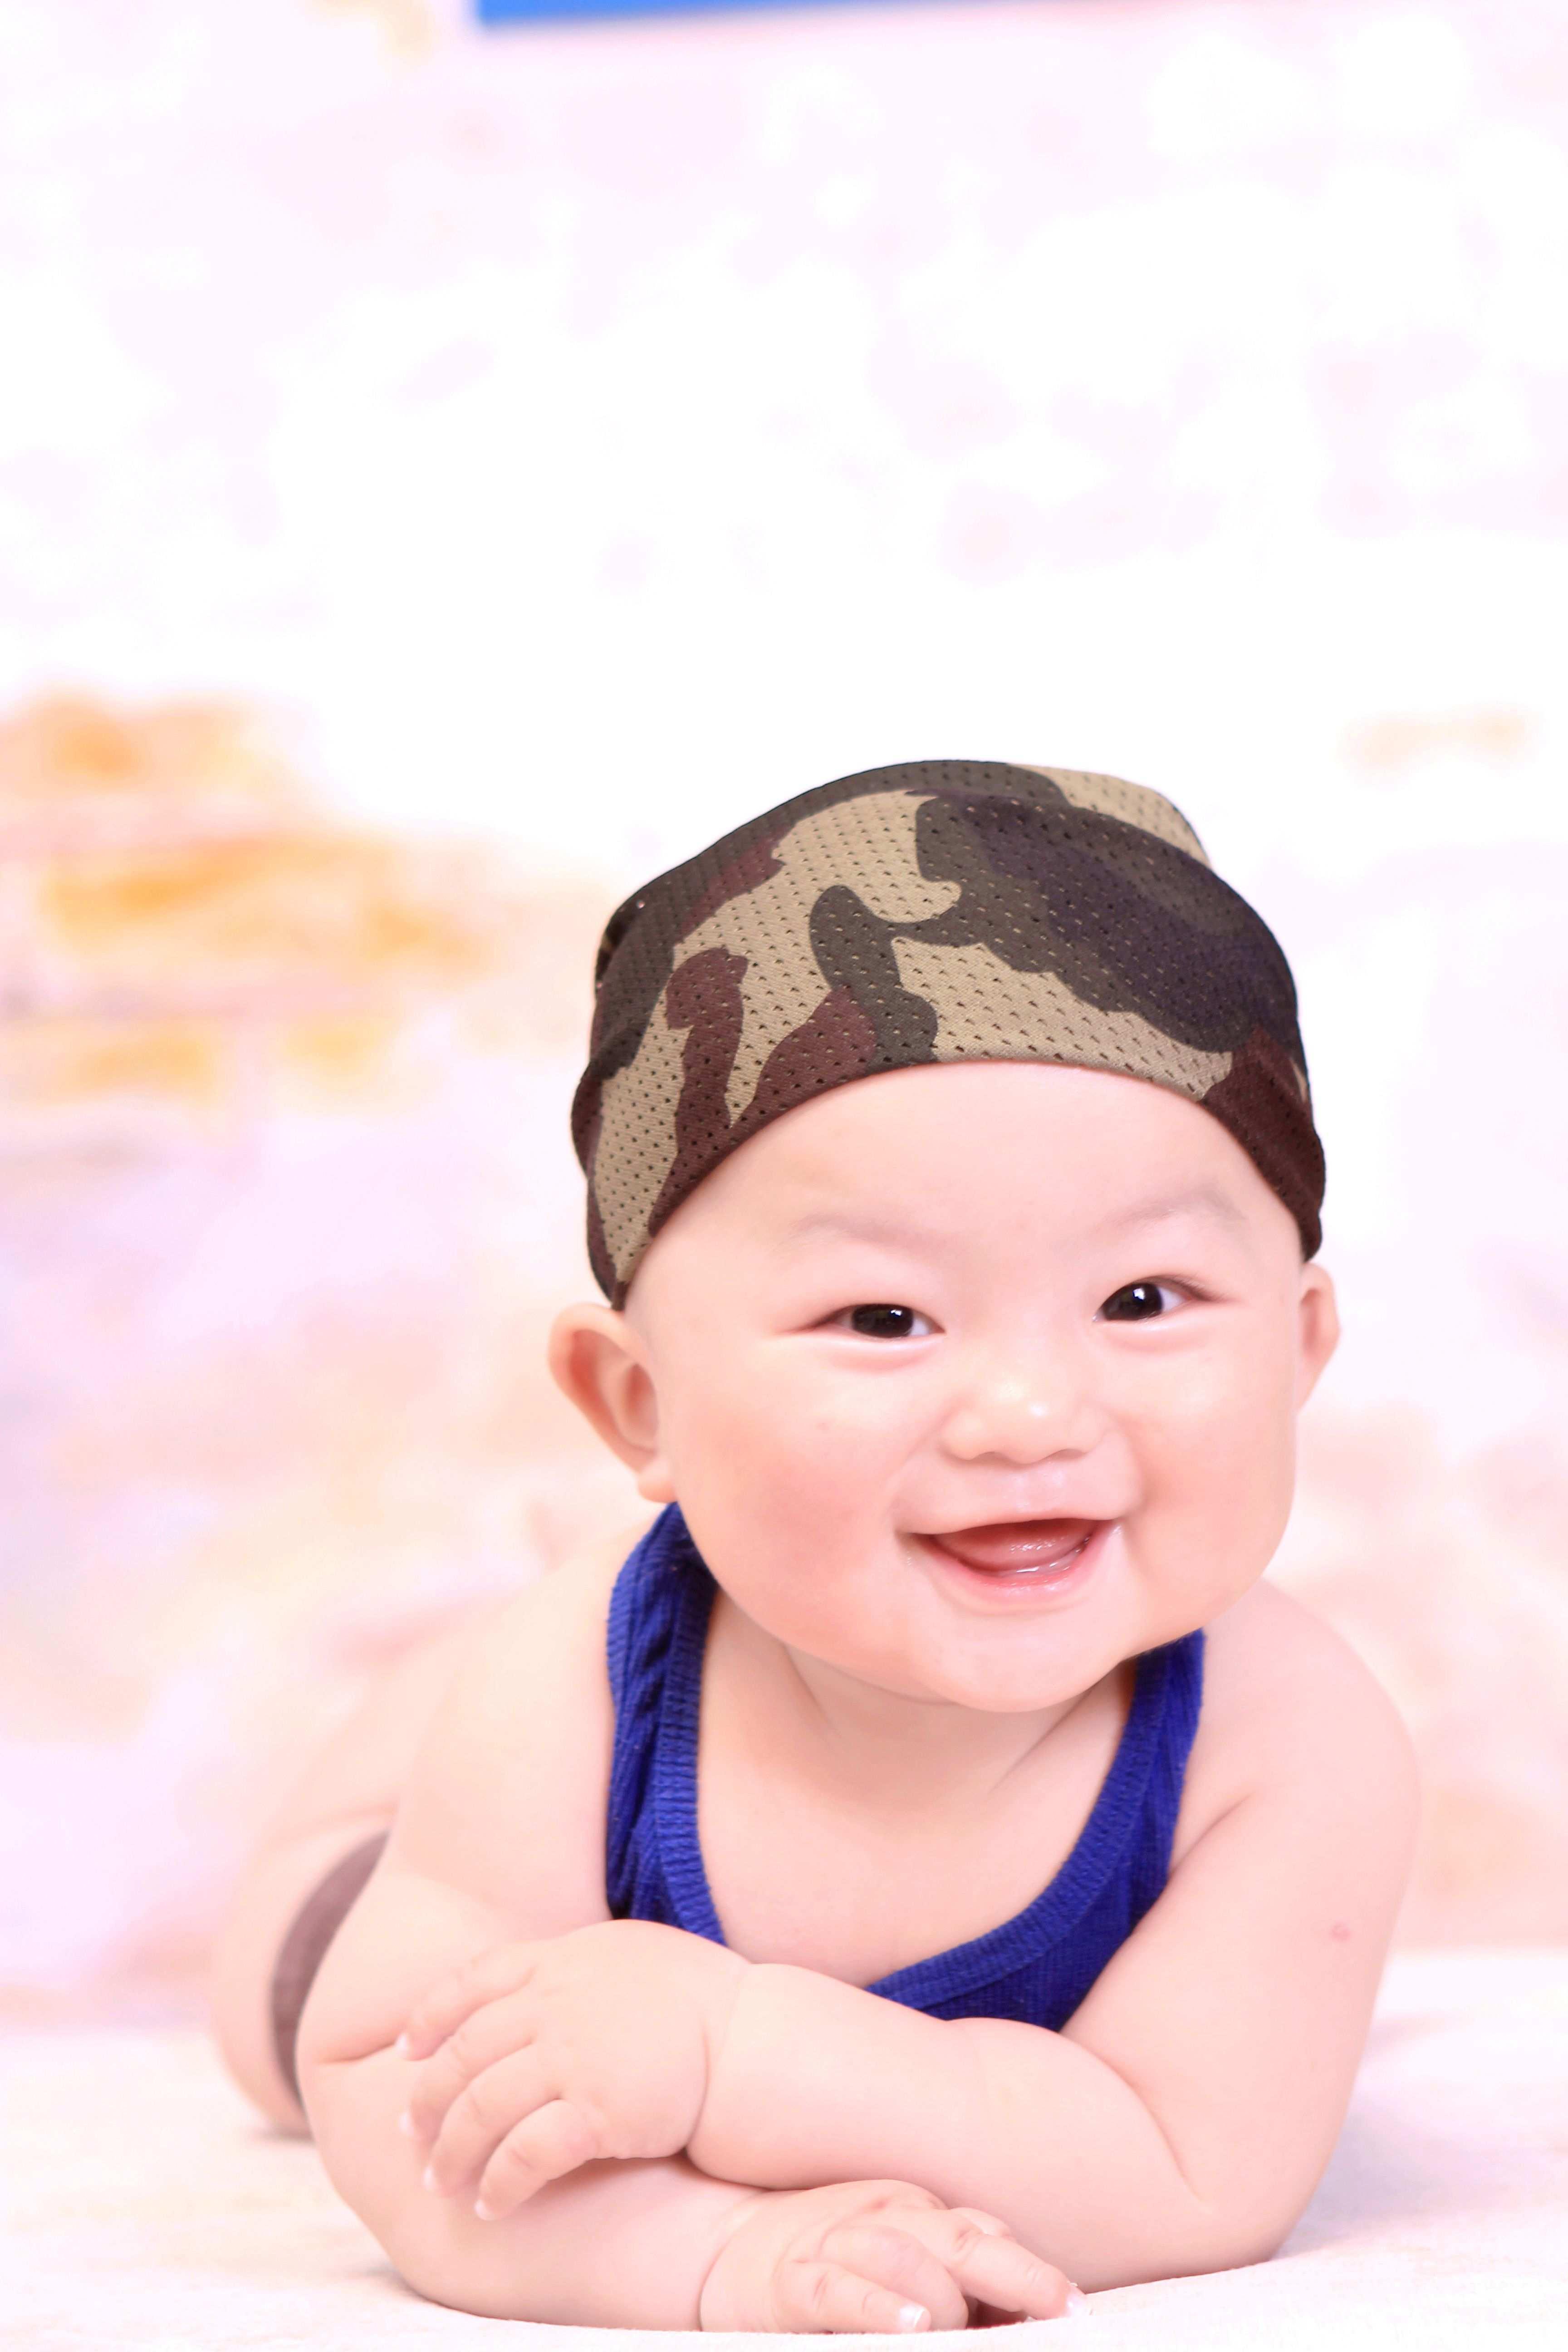 最近给翔翔在可爱多照了一套半岁照哟···虽然参加了那个台历宝宝的